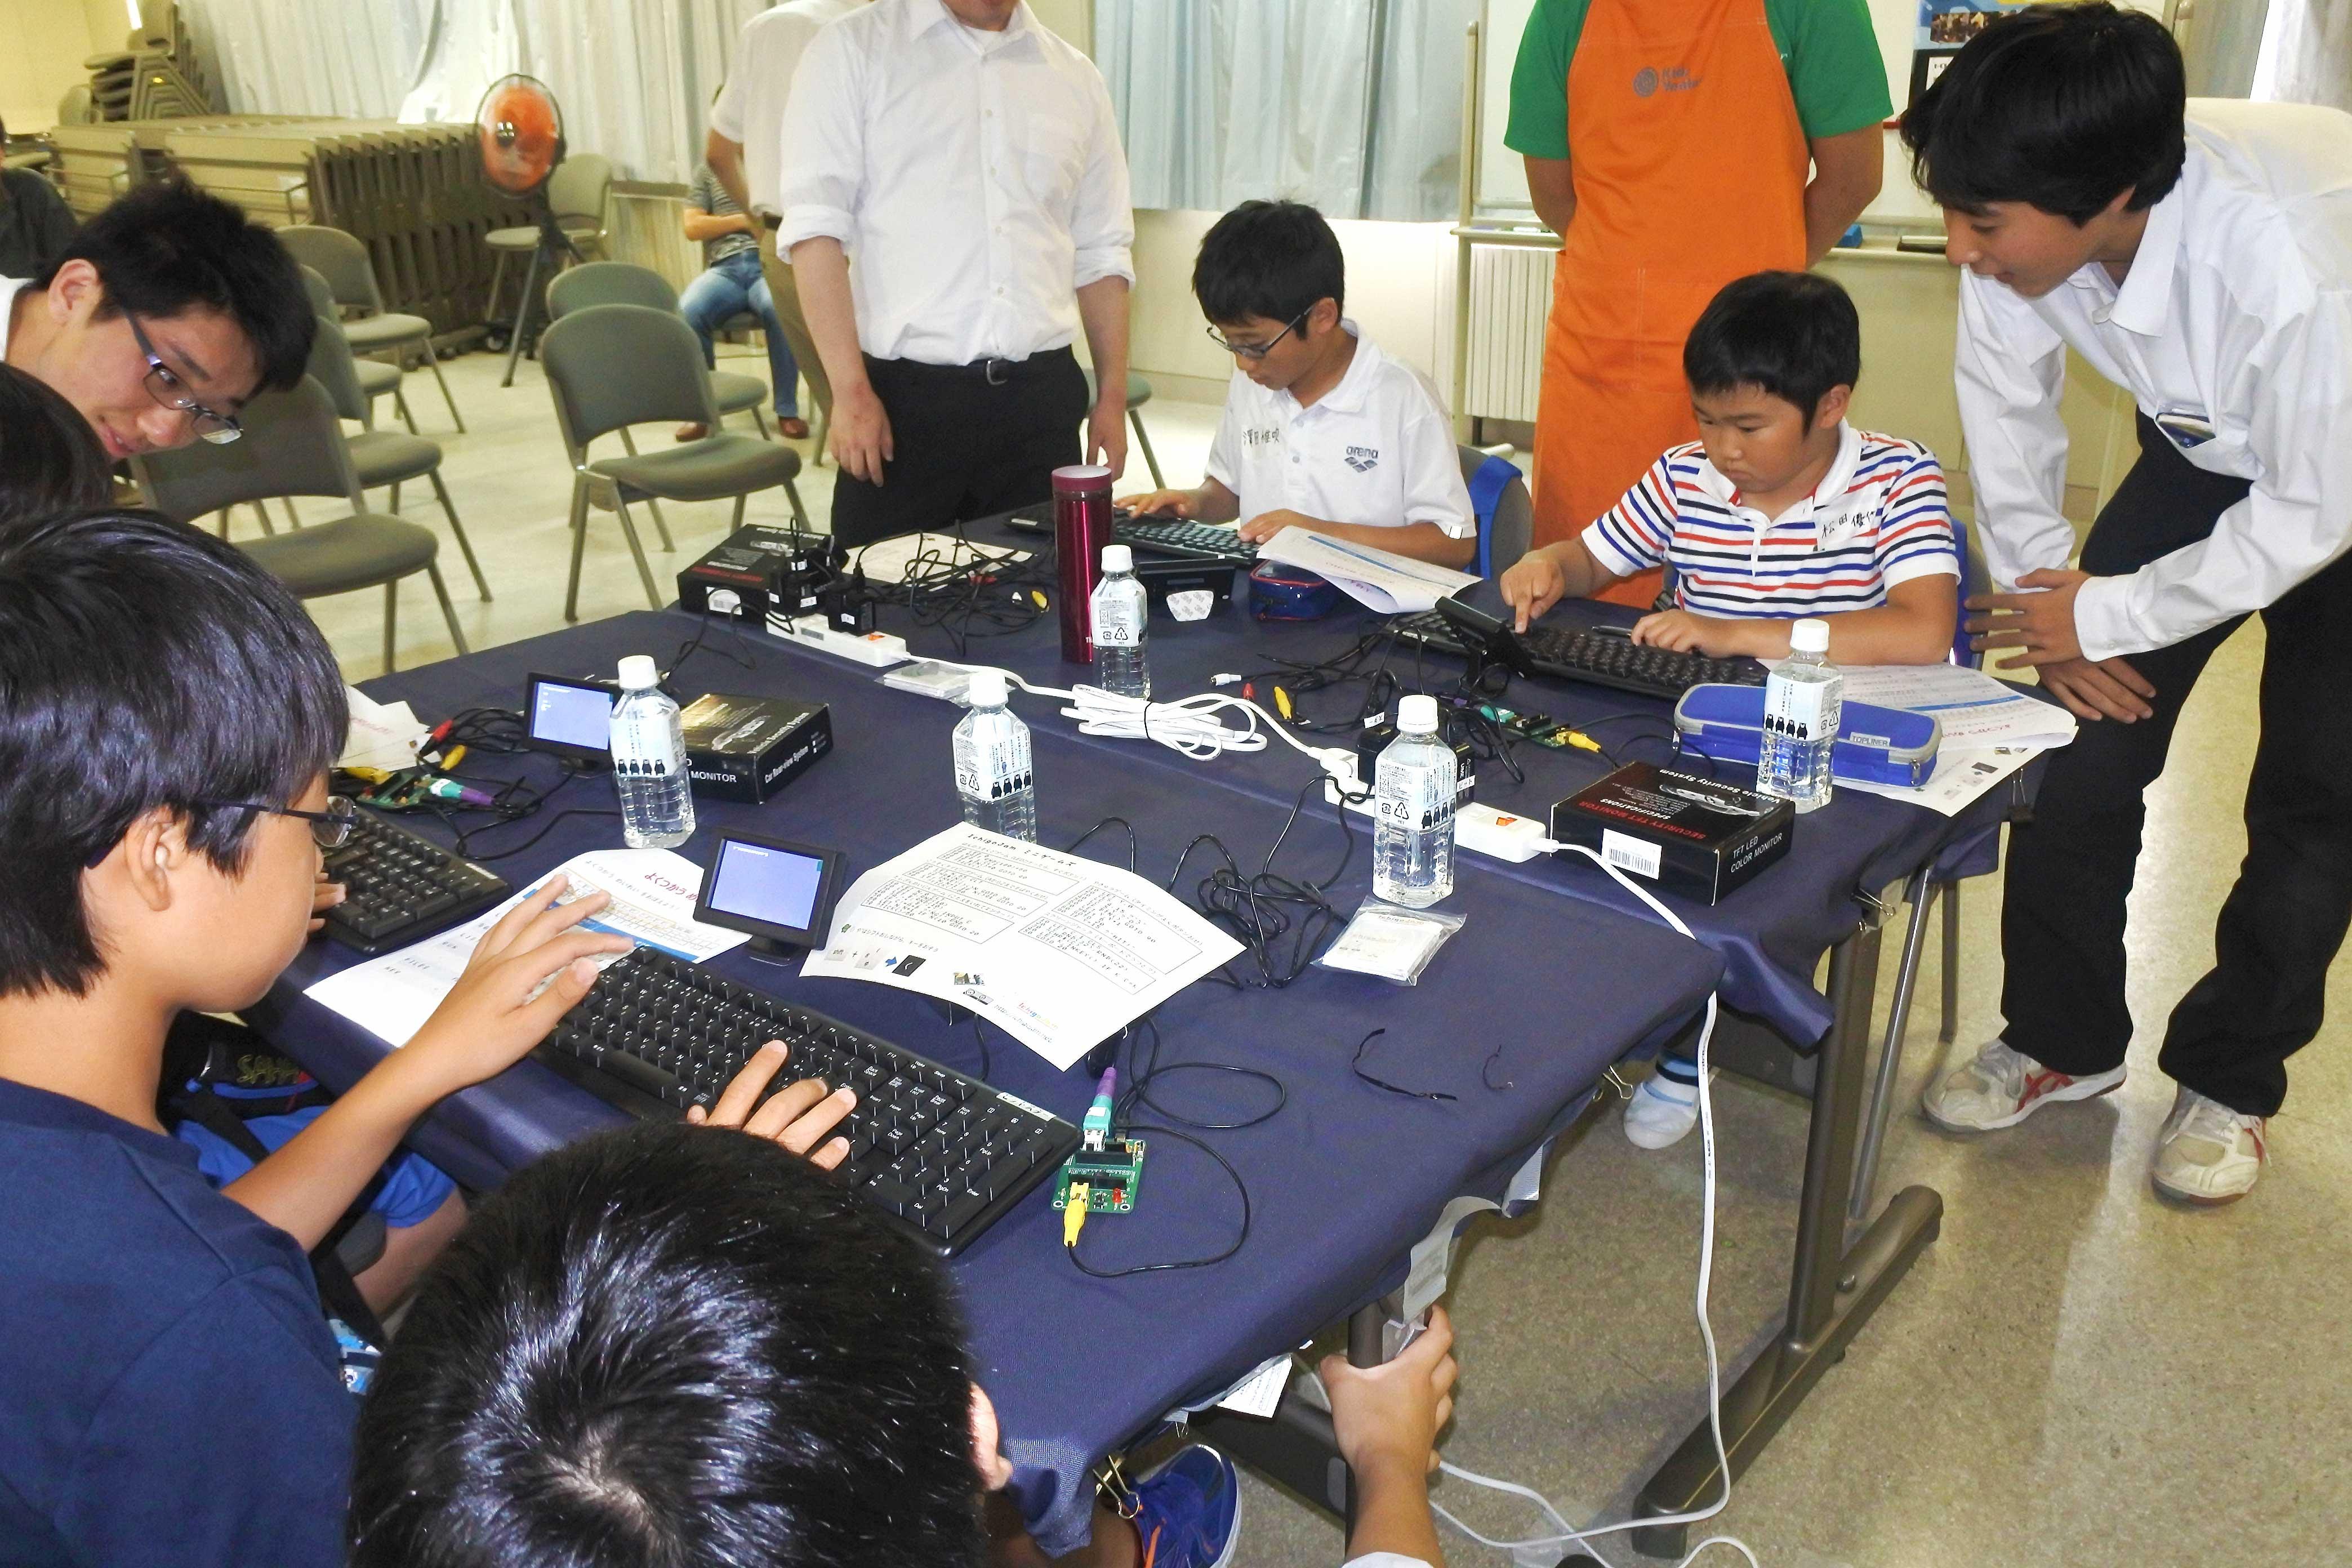 琴似工業高校で開催したKidsVentureとの共同企画「夏休みものづくり教室」に行ってみた!